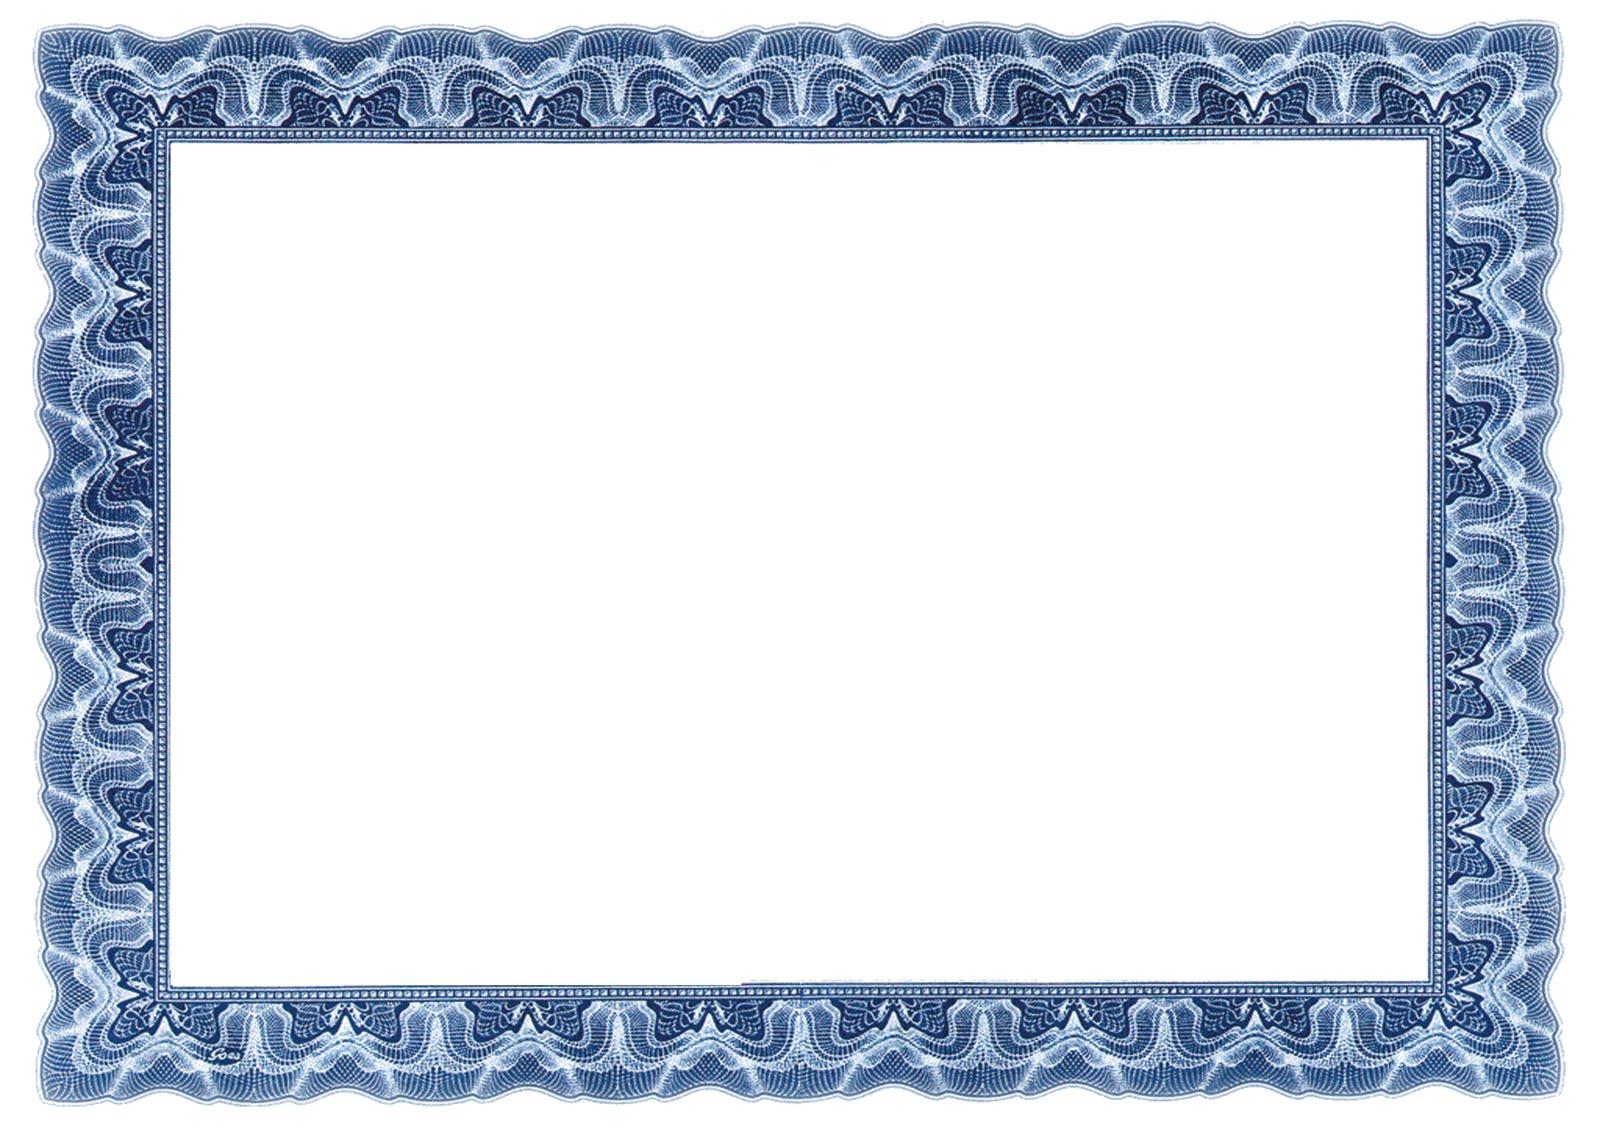 ... bingkai sertifikat 1600 x 1087 208 kb jpeg bingkai sertifikat ijazah